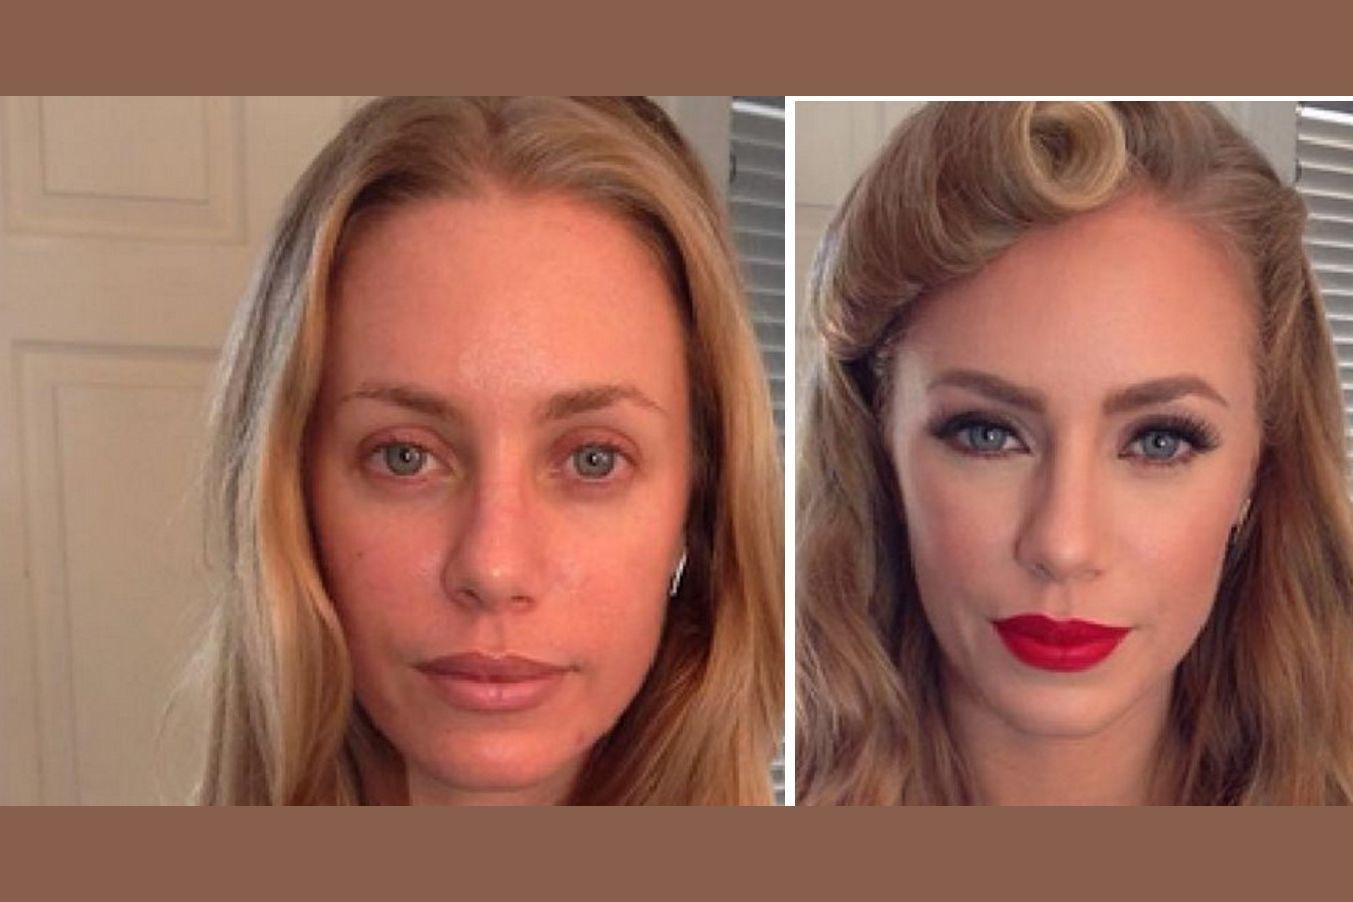 Pornodarstellerinnen zeigen sich ungeschminkt und geschminkt